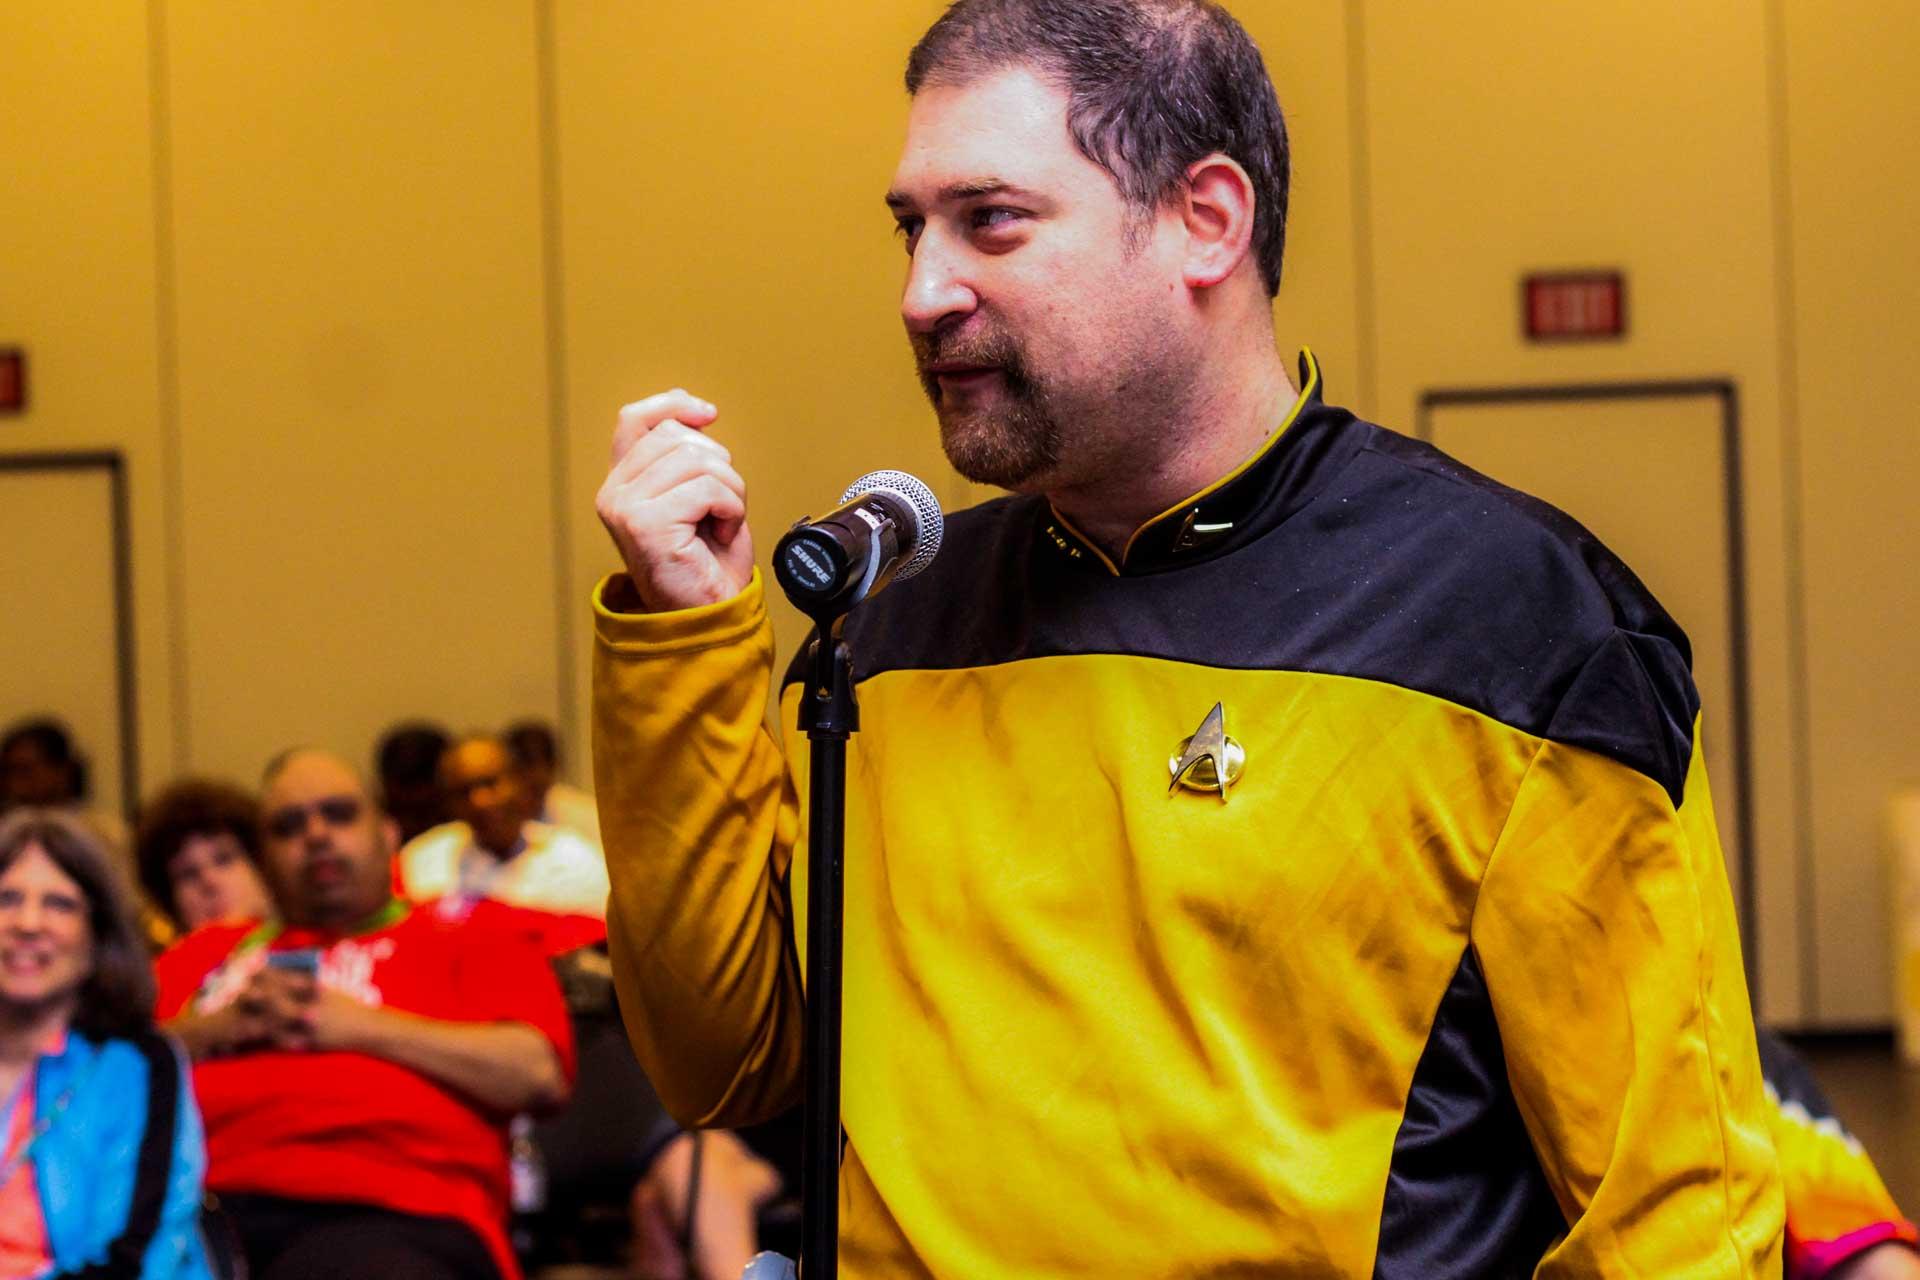 Guy with Start Trek costume talking